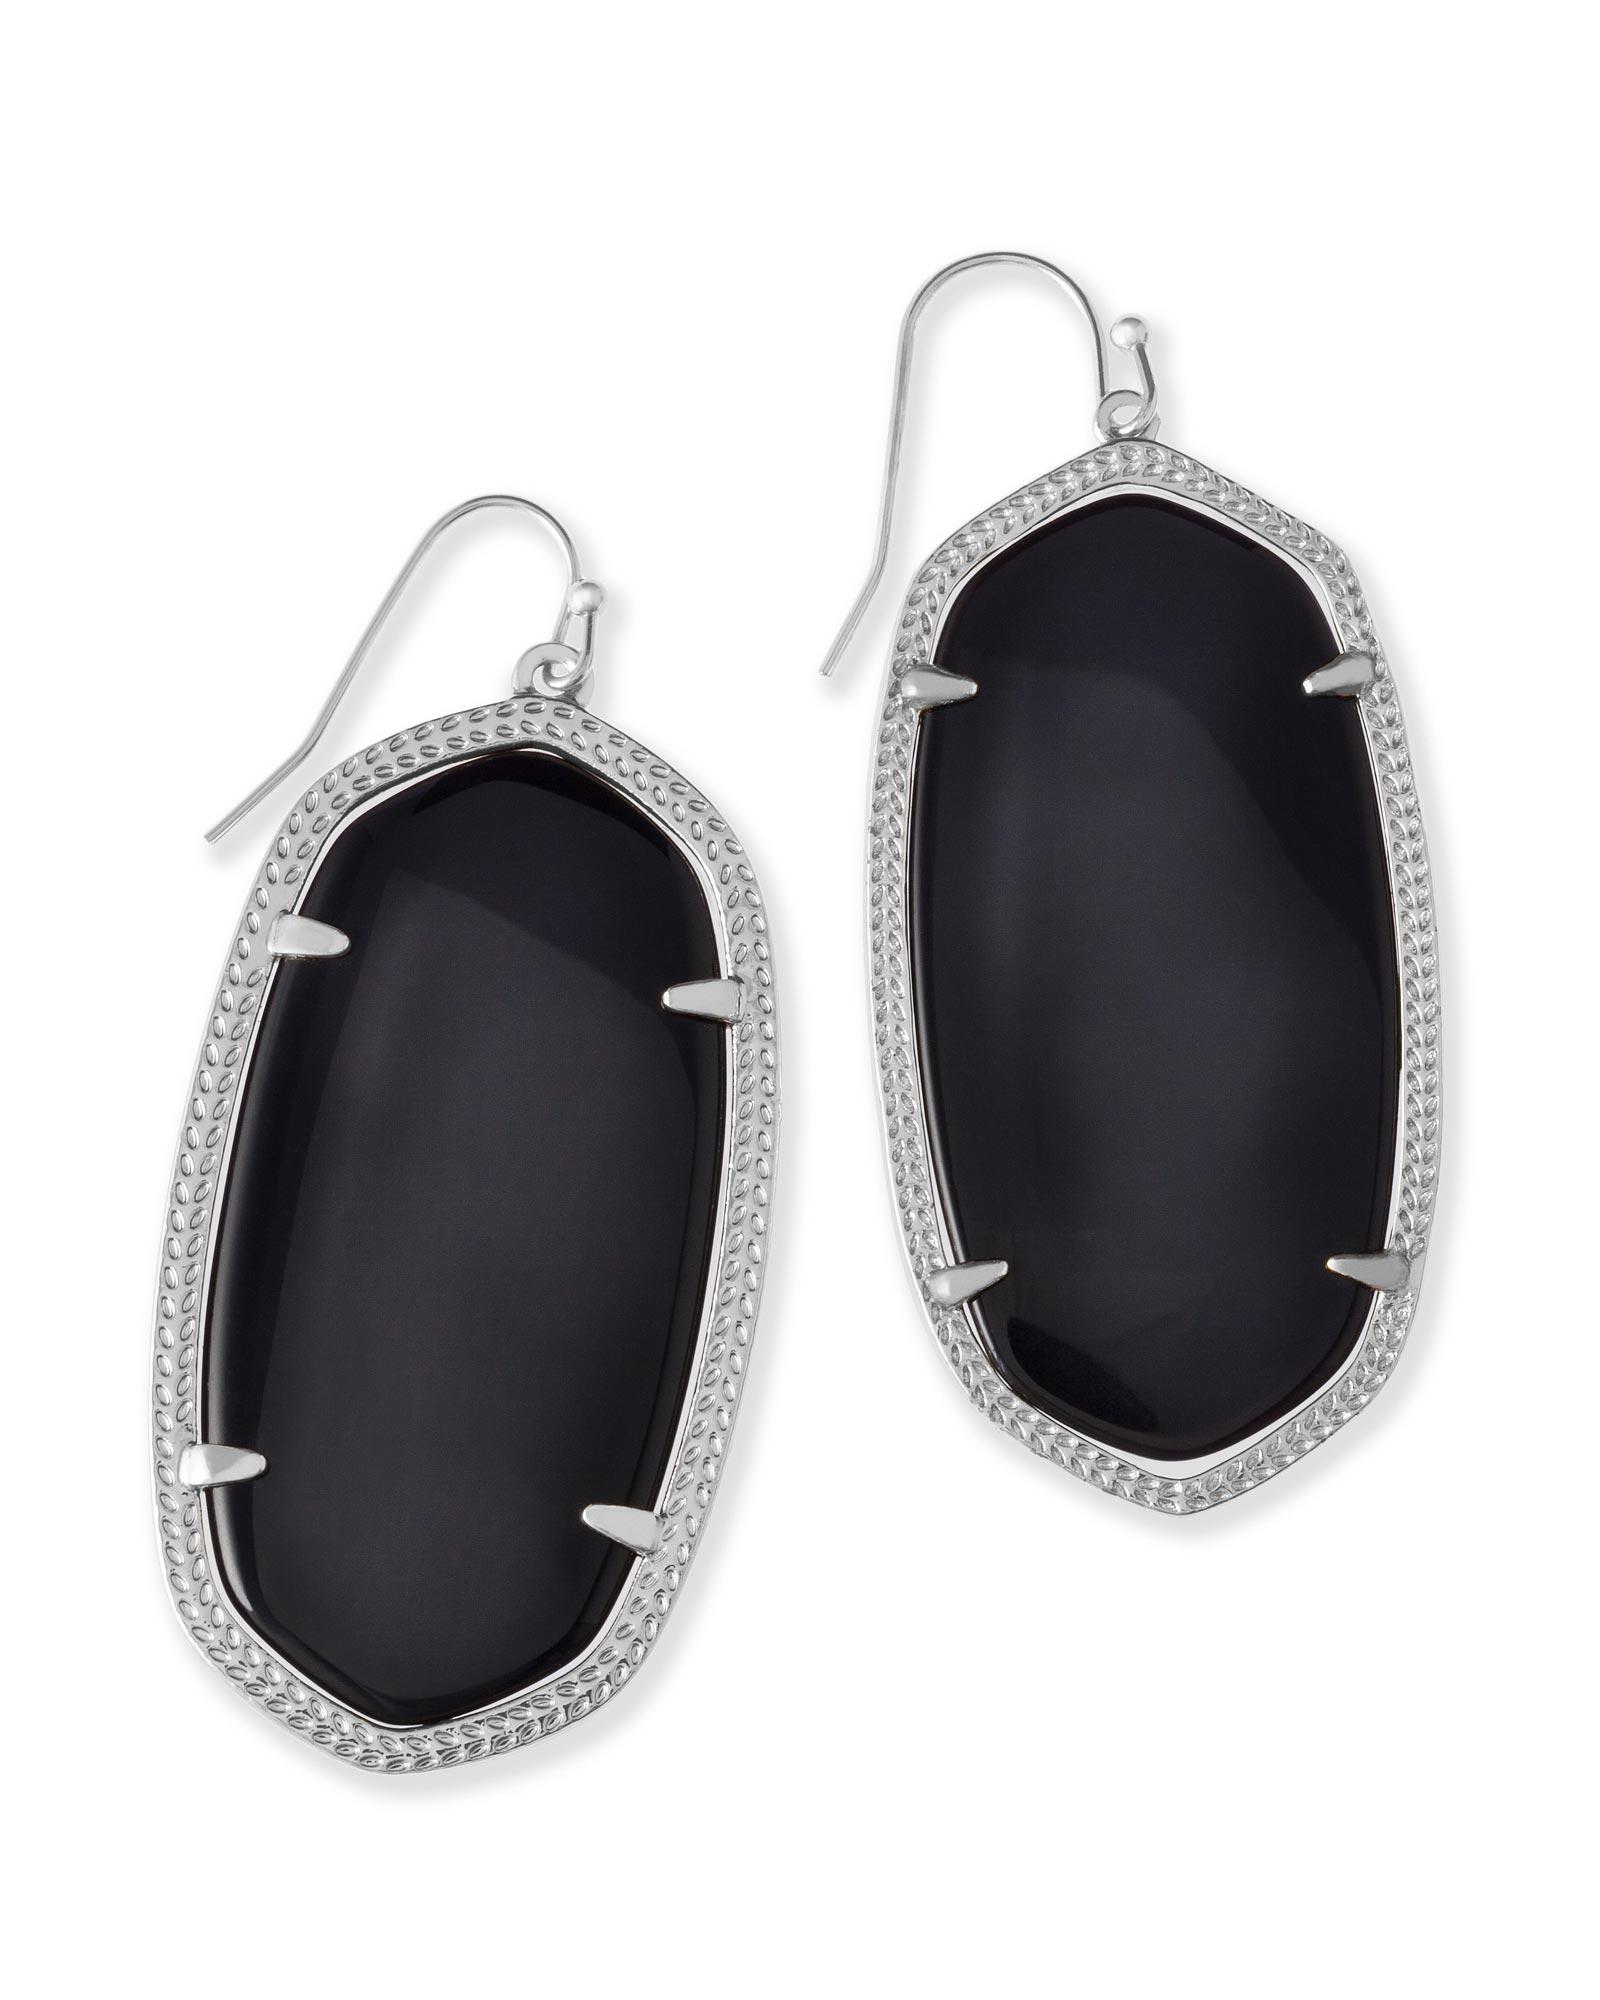 Danielle Silver Earrings In Black